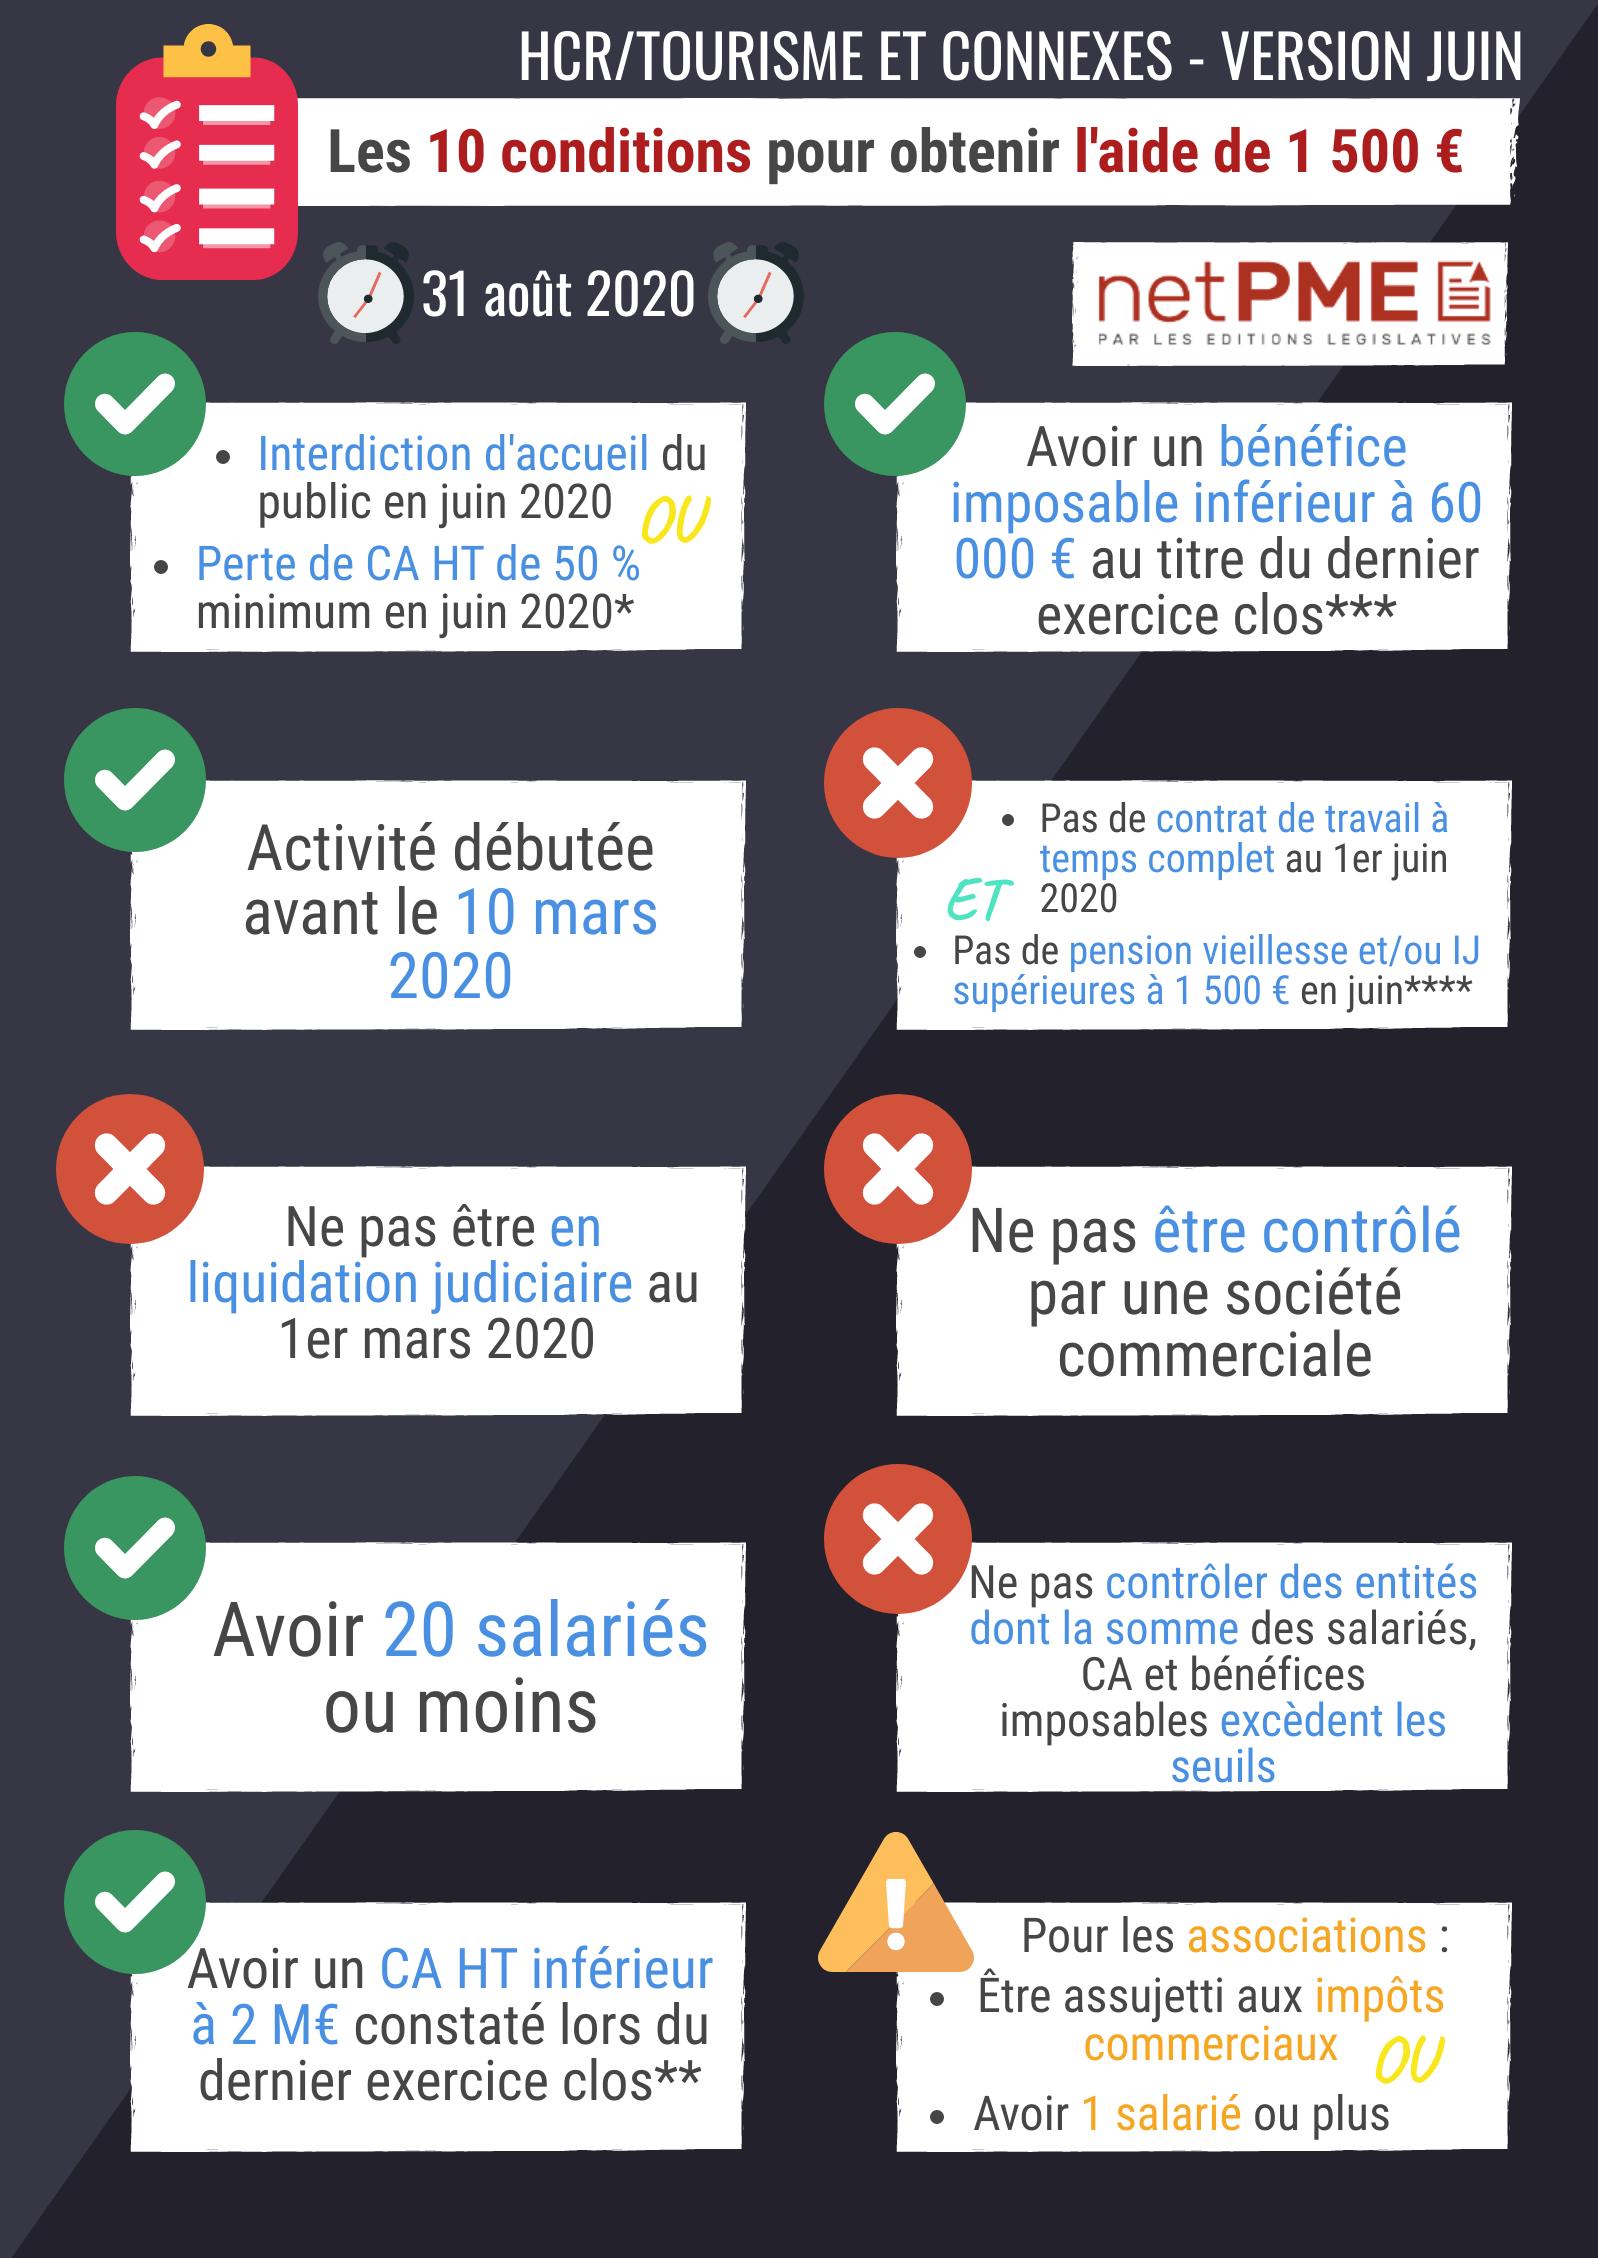 fonds de solidarité premier volet juin HCR TPE netpme.fr covid-19